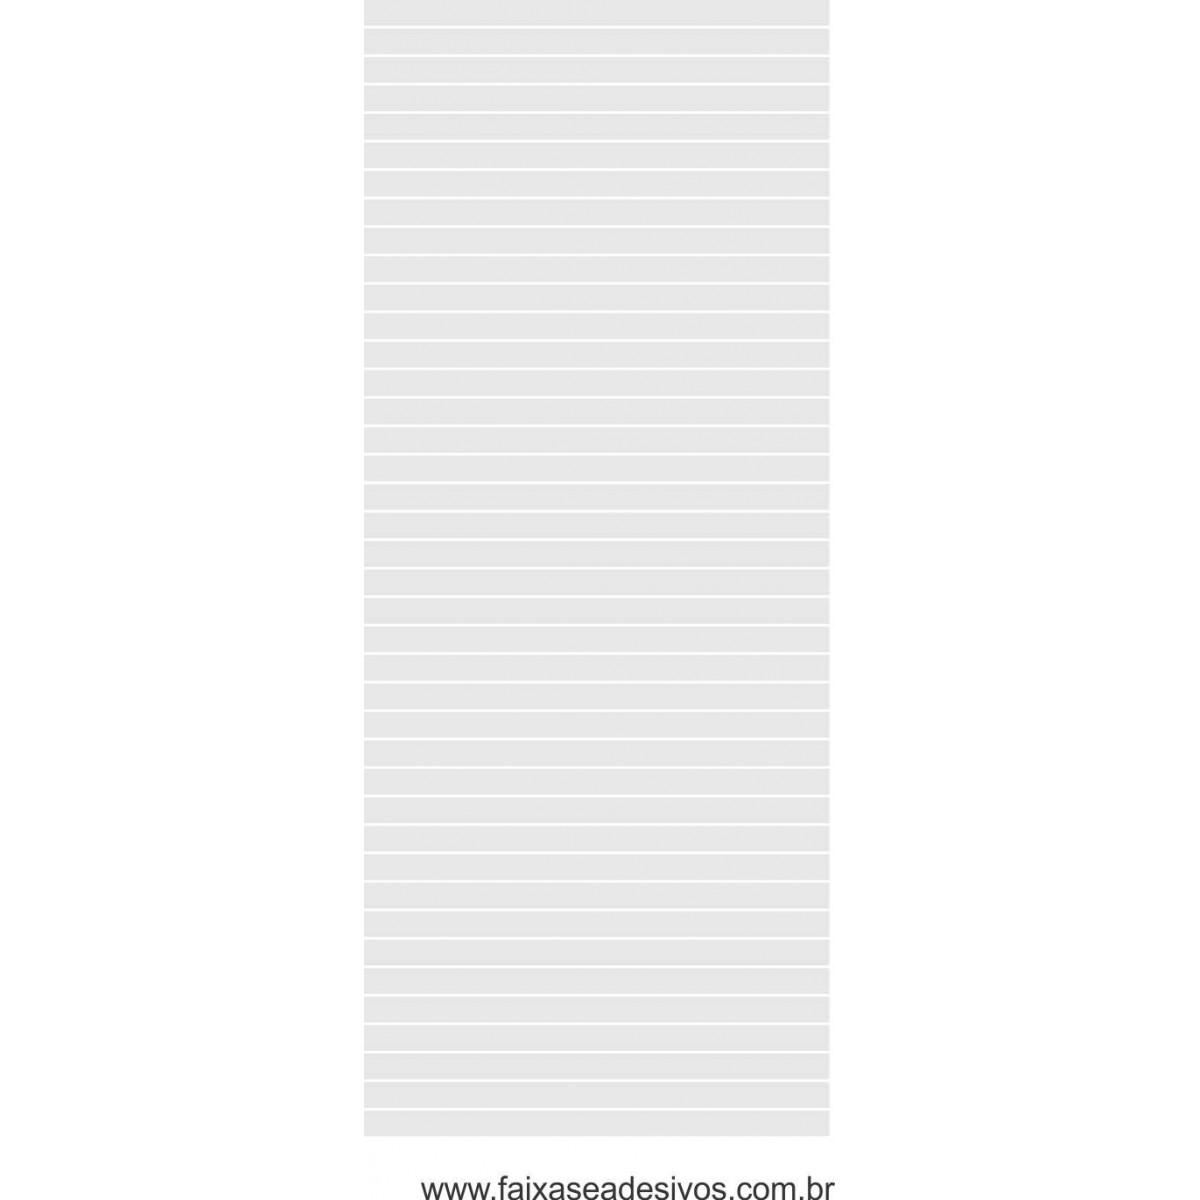 114 - Adesivo Persiana 5cm cada tira e vão de 0,5m - 220x70cm - Escolha a cor  - Fac Signs